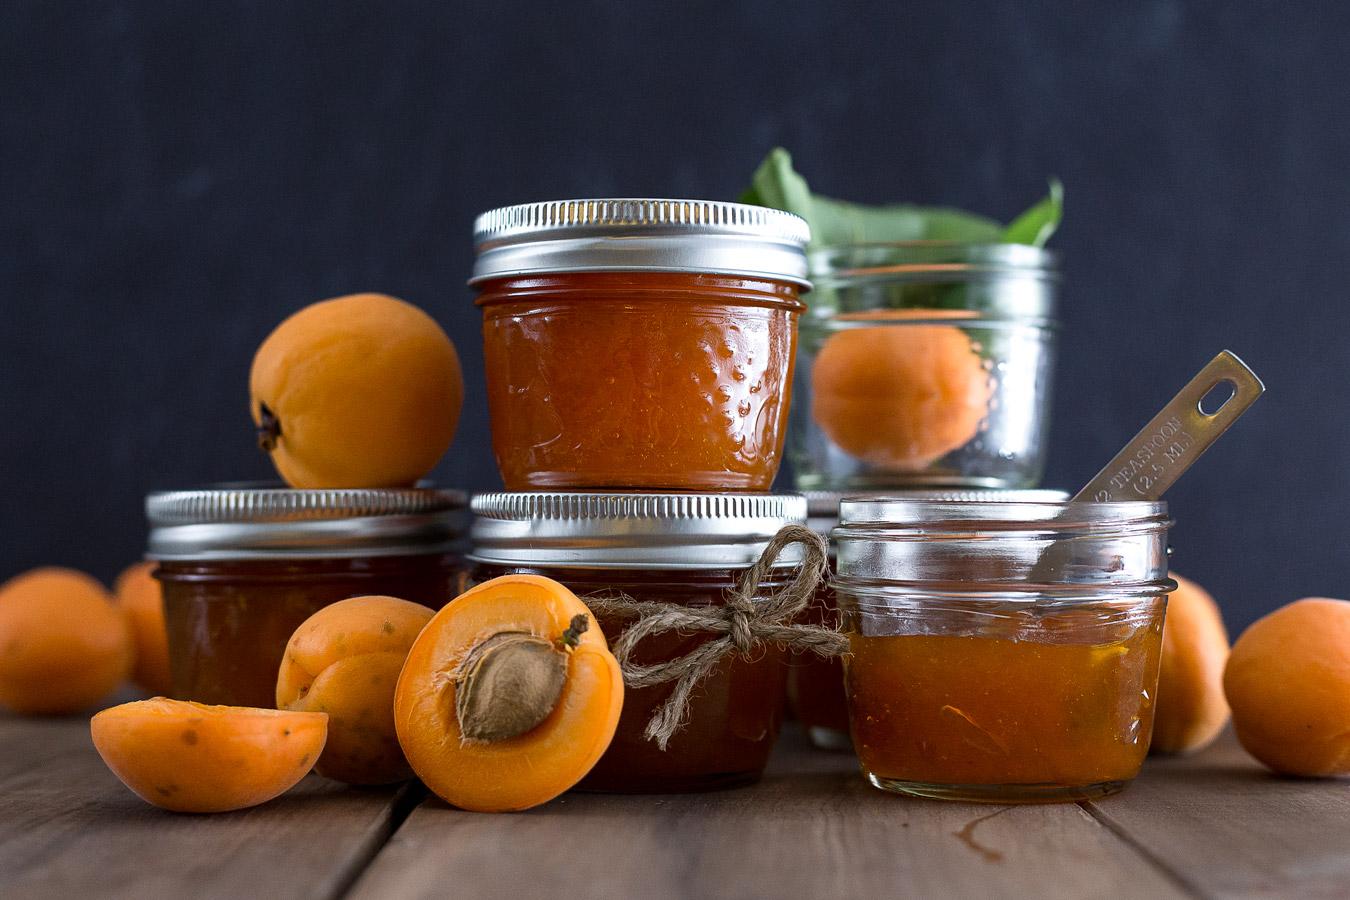 Рецепт варенья из абрикосов на зиму